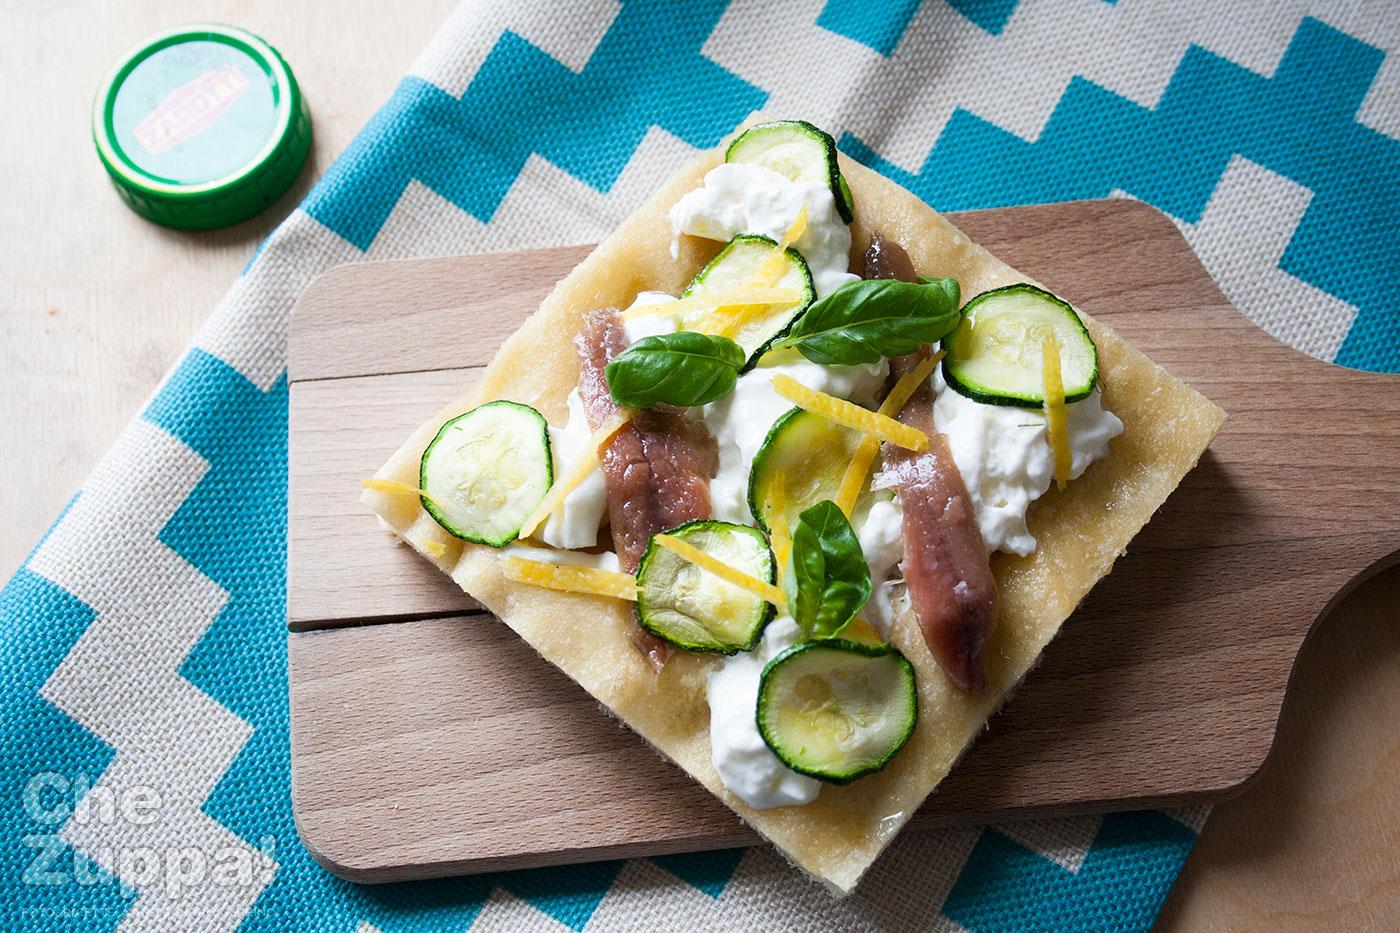 Ricetta pizza focaccia con alici stracciatella e limone con lievito madre